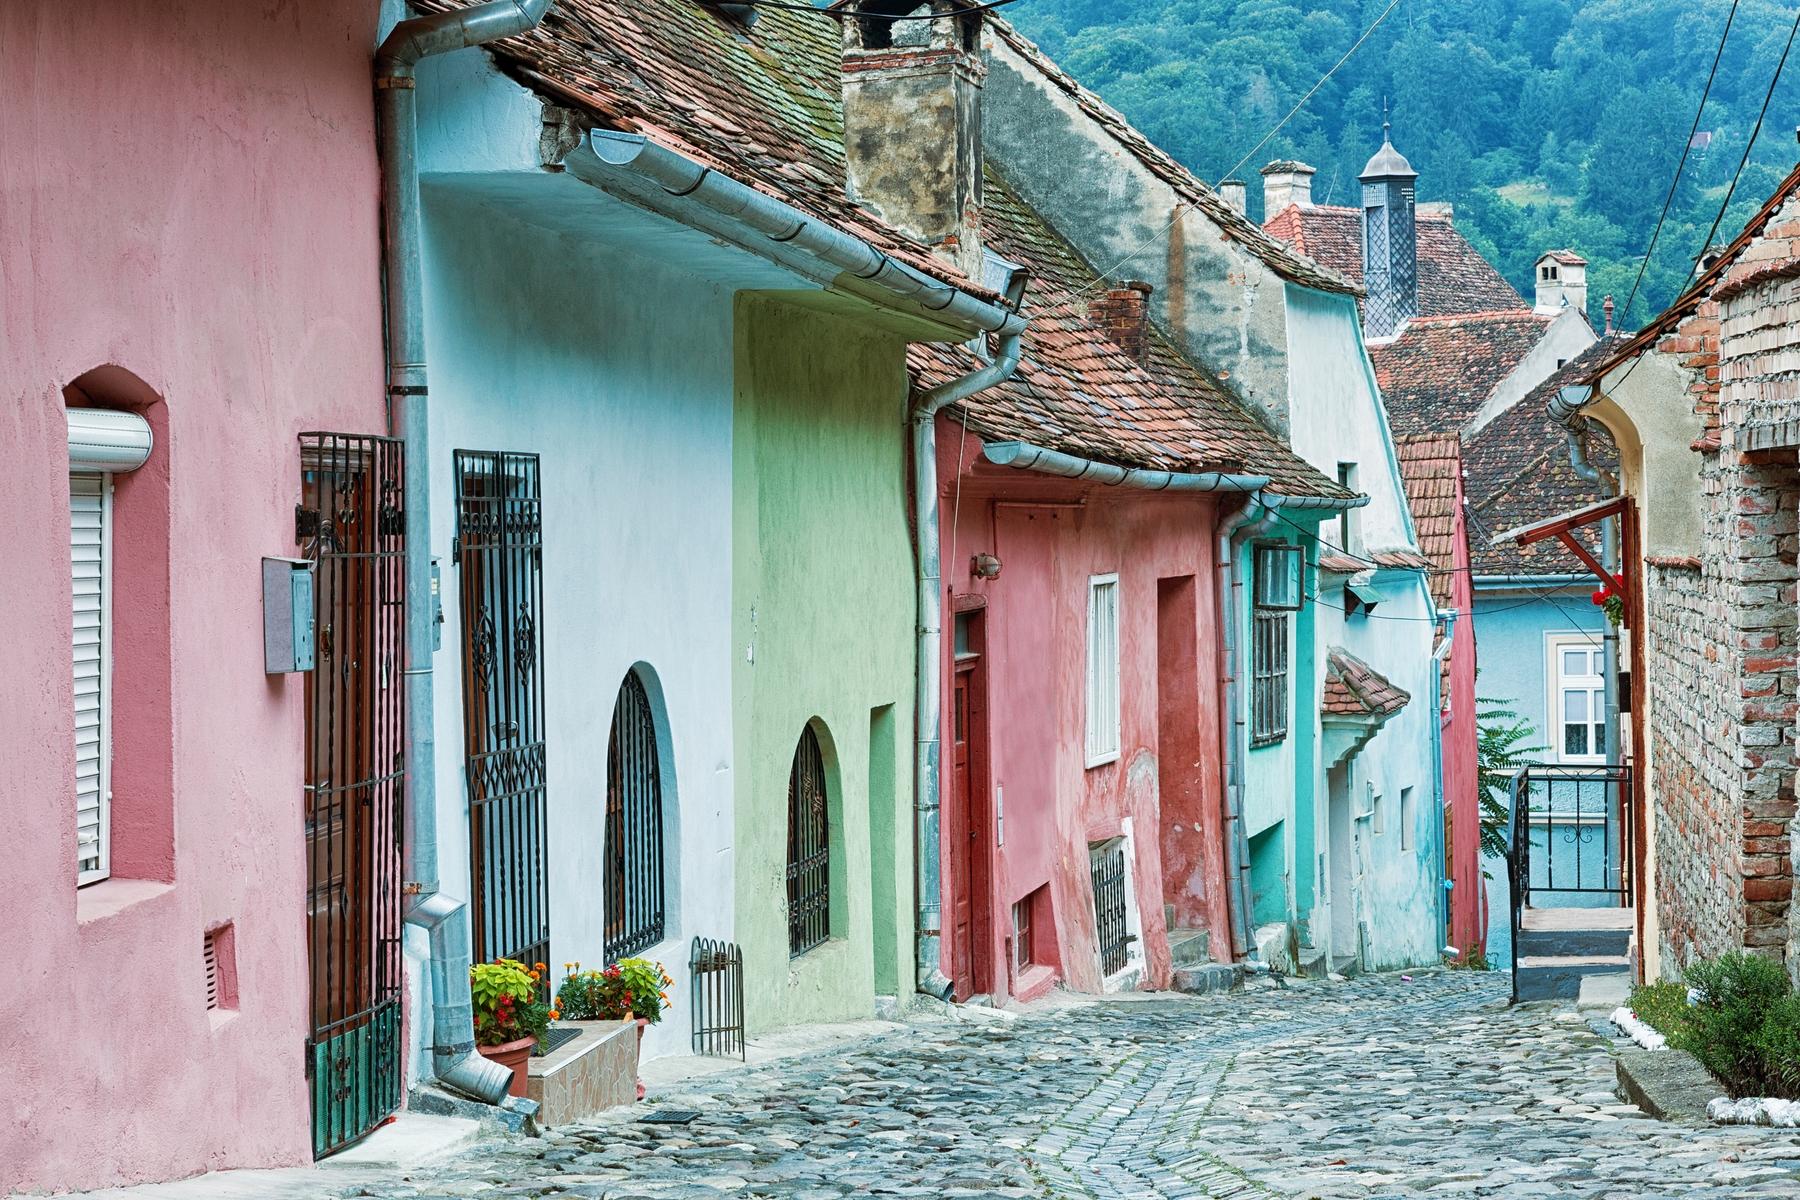 Каменные мостовые и красивые часовни в колоритной Сигишоаре в Румынии